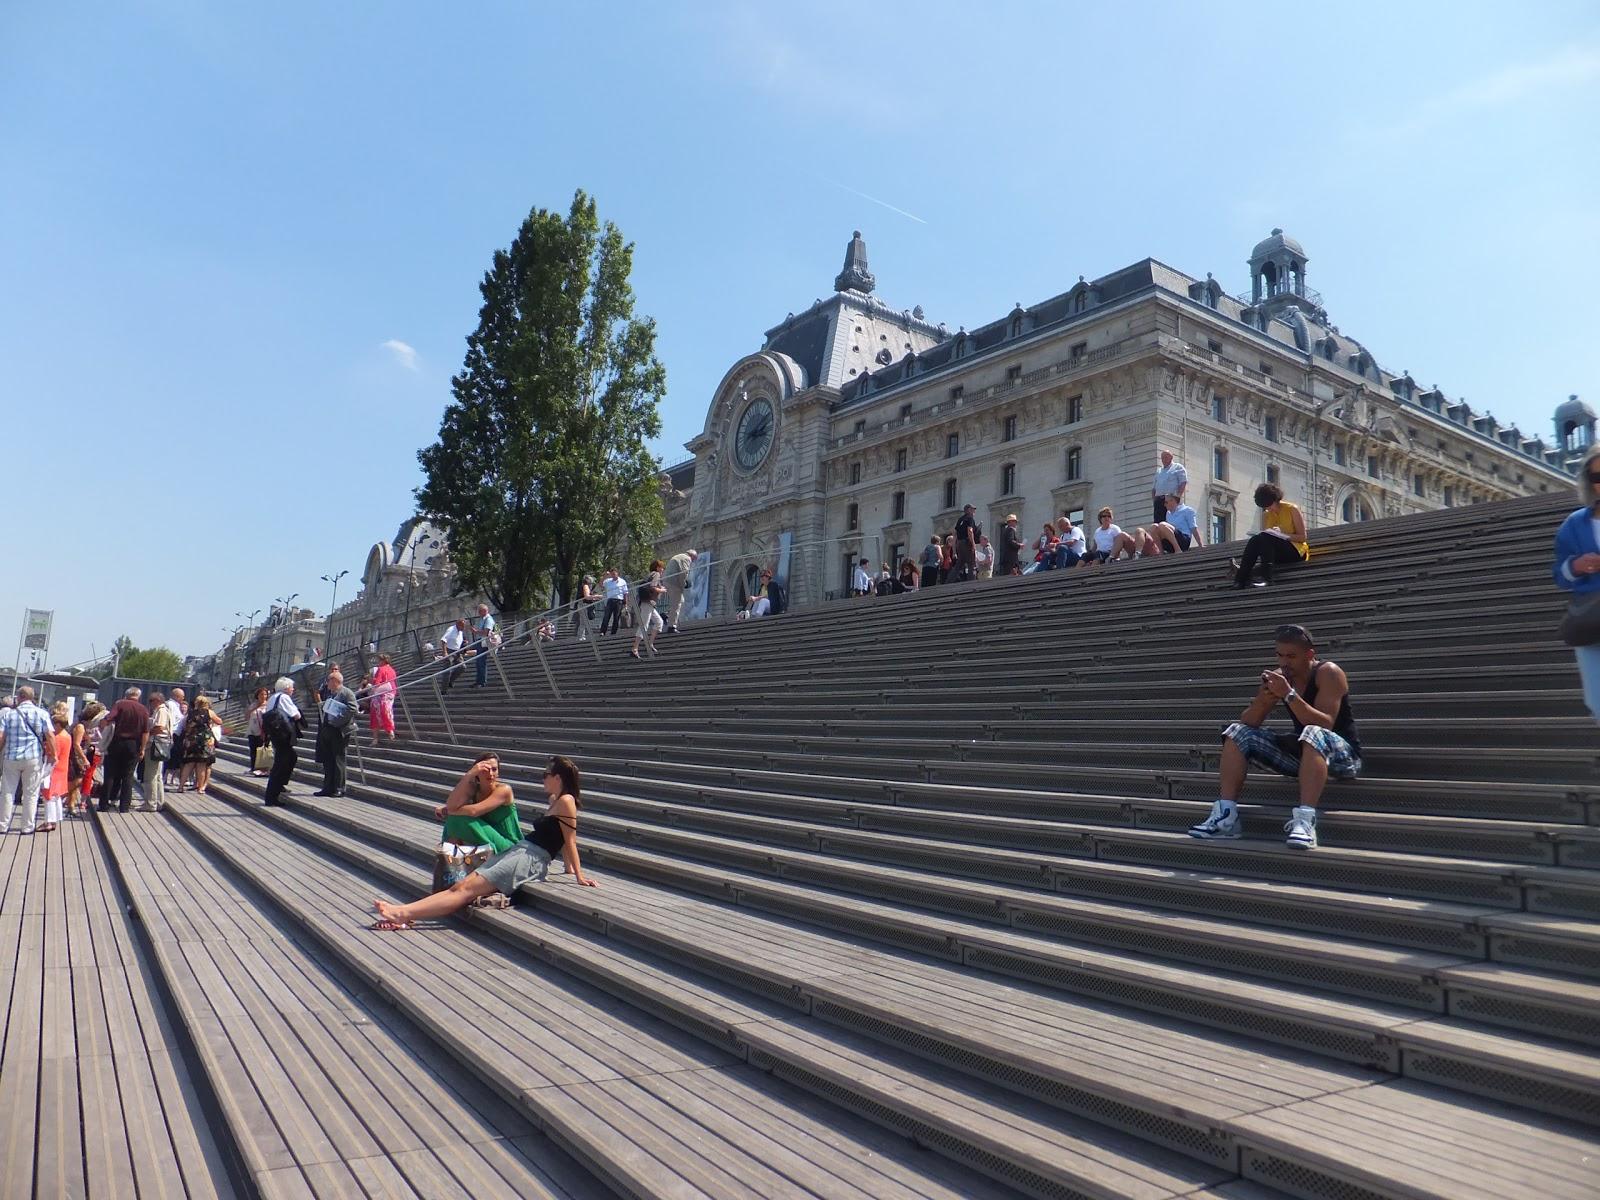 Berges de la Seine, Sena, París, Elisa N, Blog de Viajes, Lifestyle, Travel